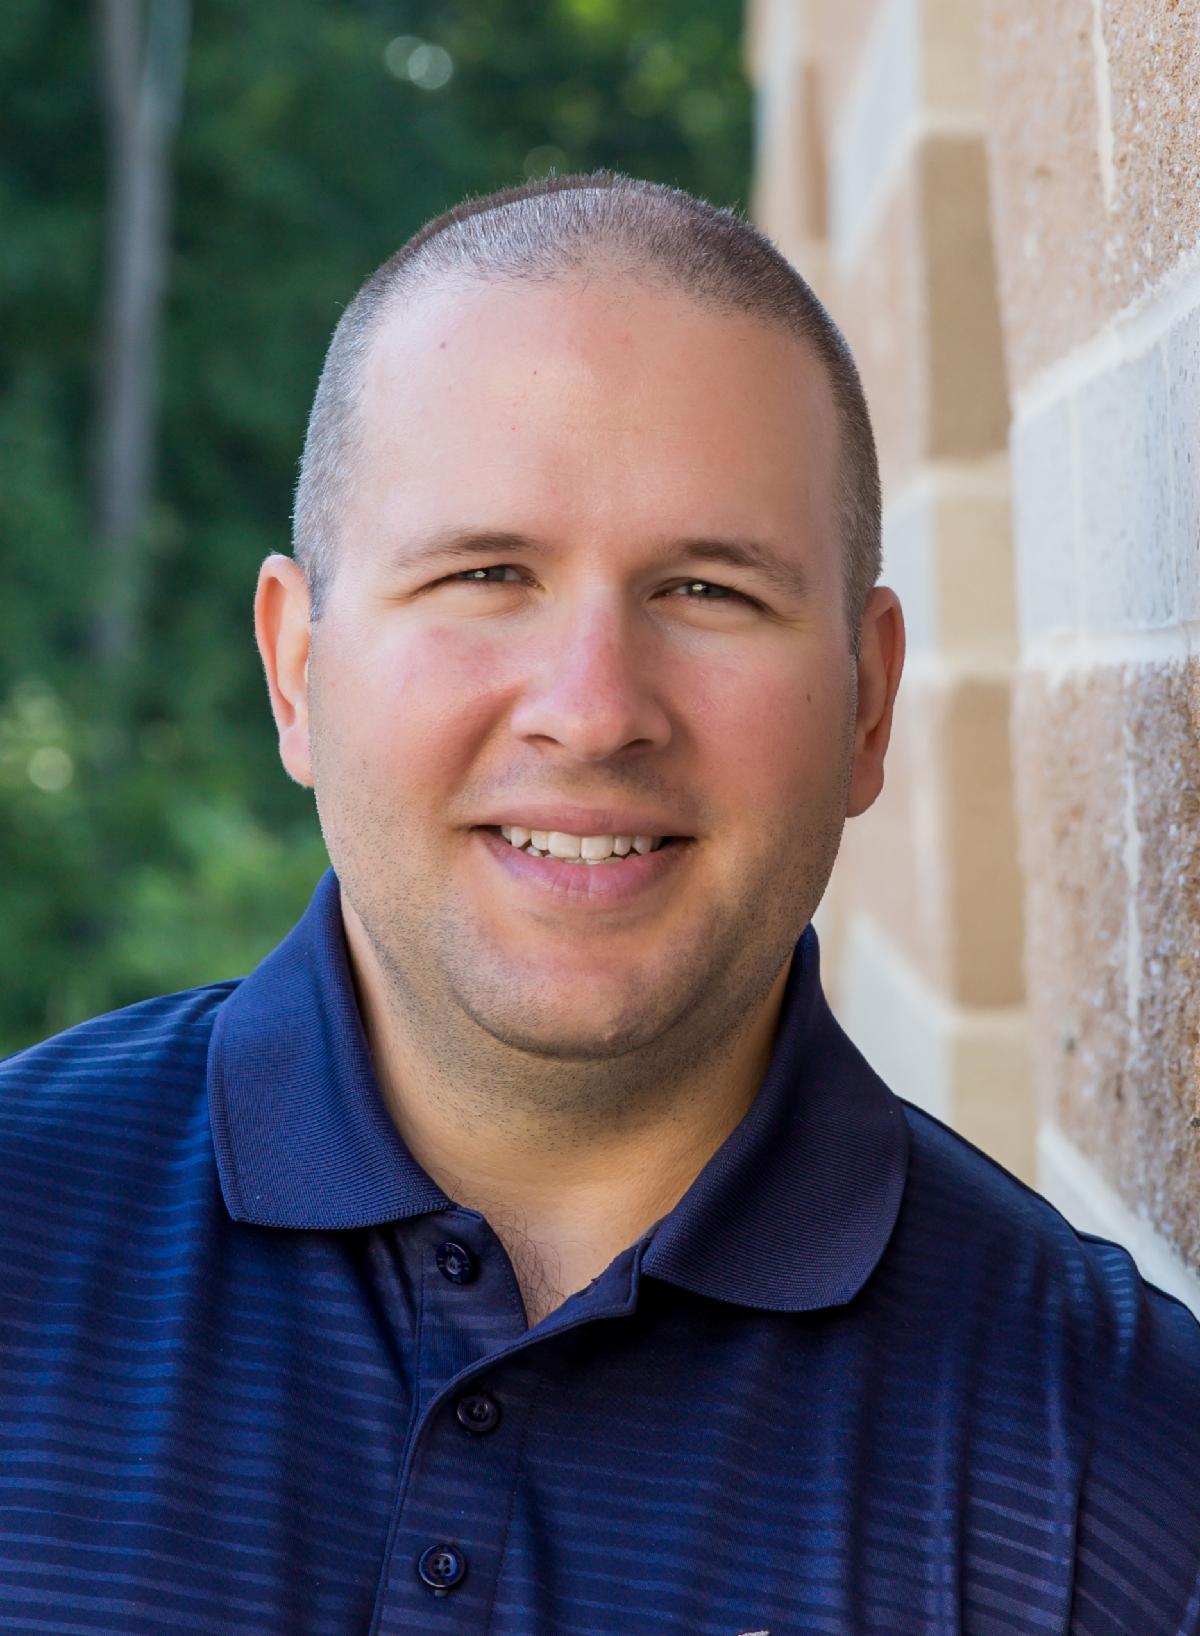 Headshot of Danny Filer